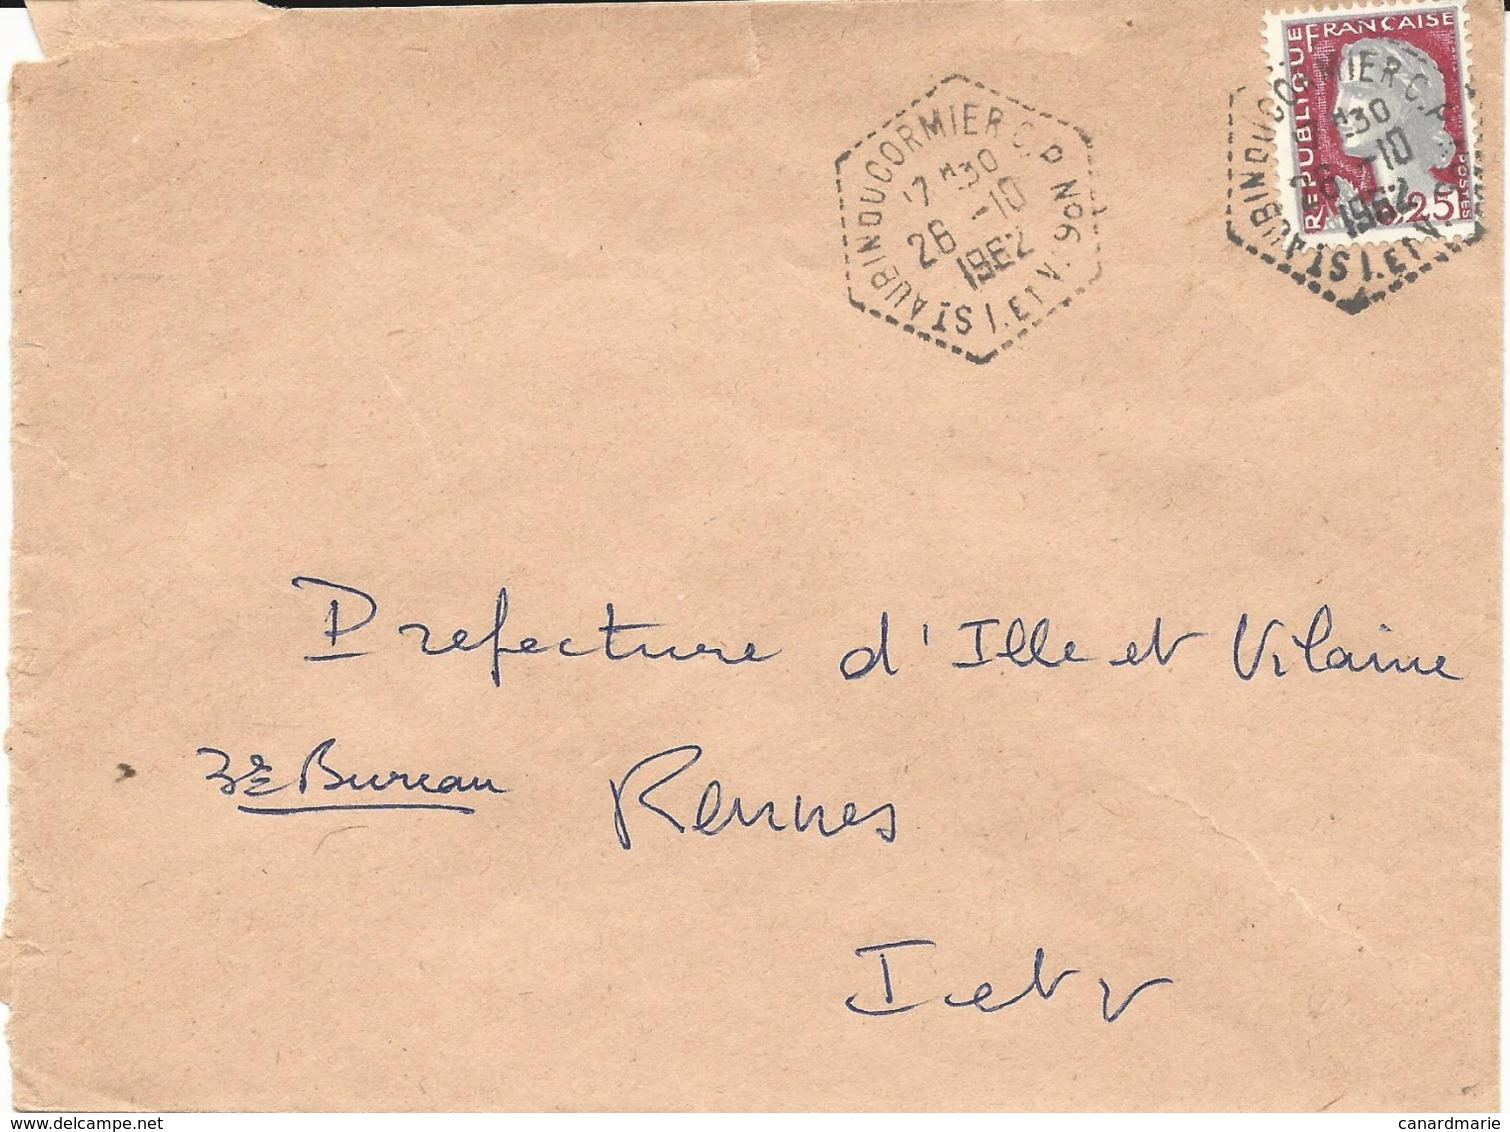 LETTRE 1962 AVEC CACHET HEXAGONAL DE POSTE AUTOMOBILE RURALE ST AUBIN DU CORMIER C.P. N° 6 ILLE ET VILAINE - Marcophilie (Lettres)